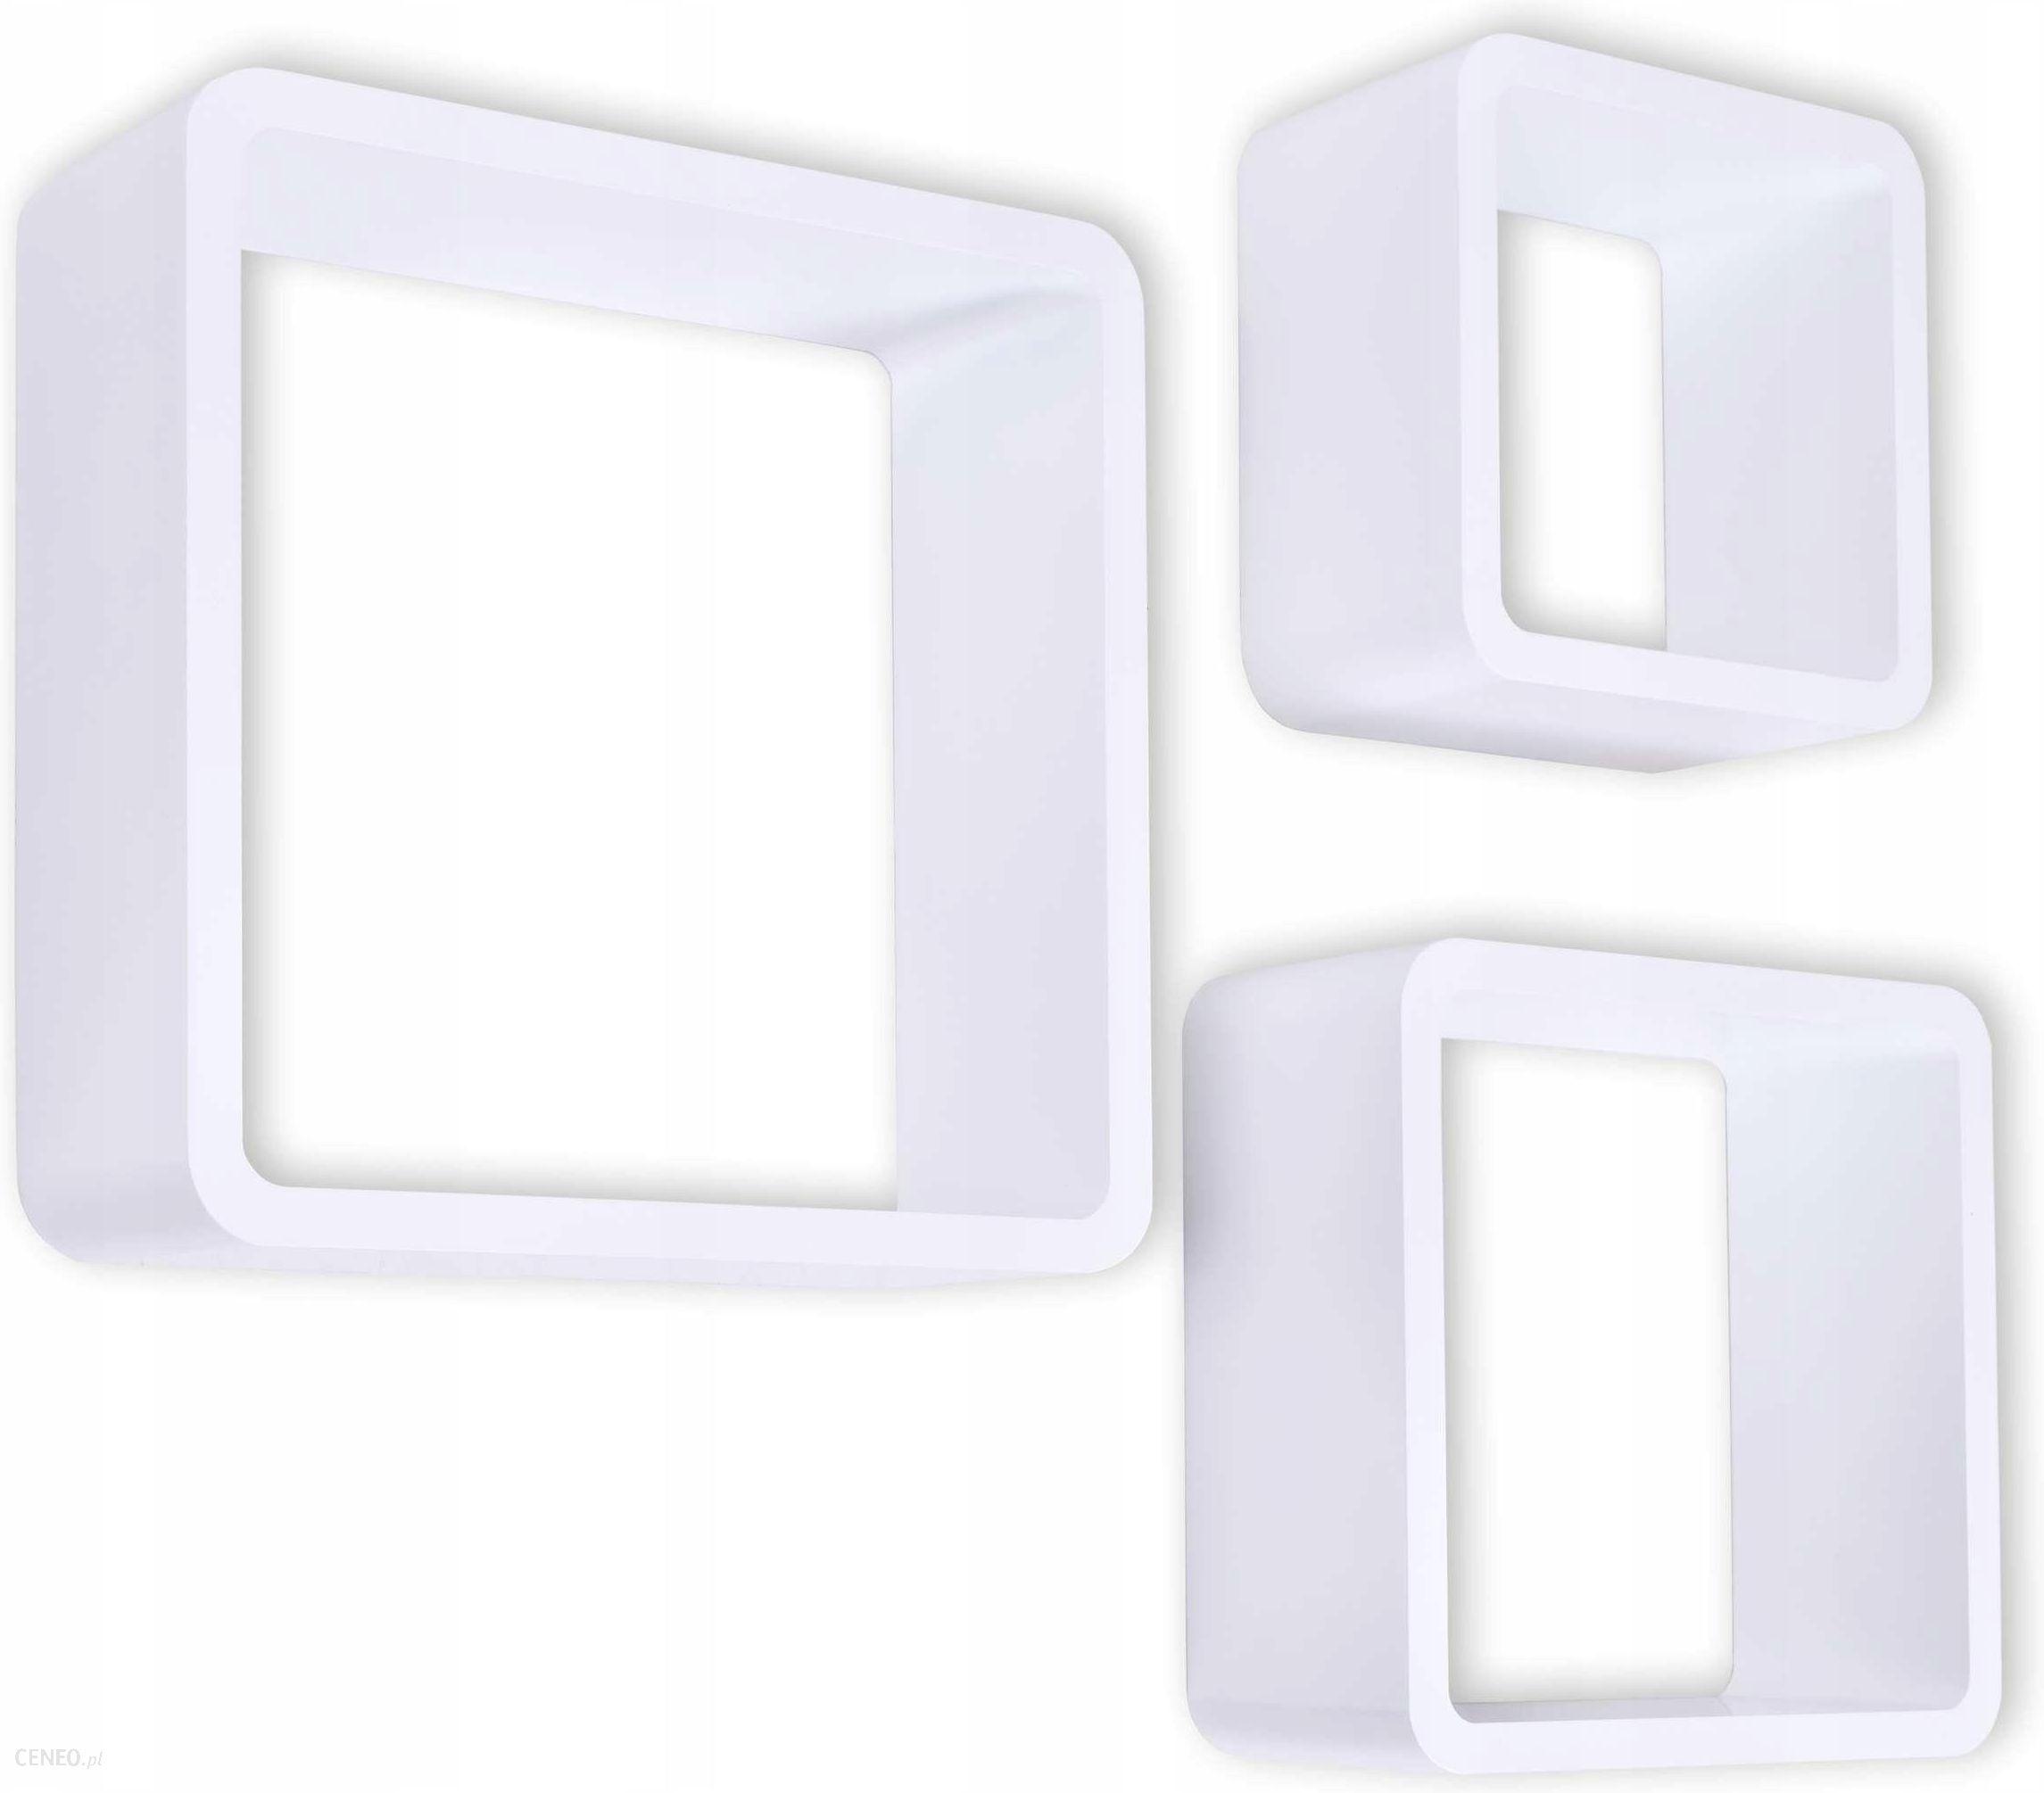 Gockowiak Półki Wiszące Cube 3szt Białe